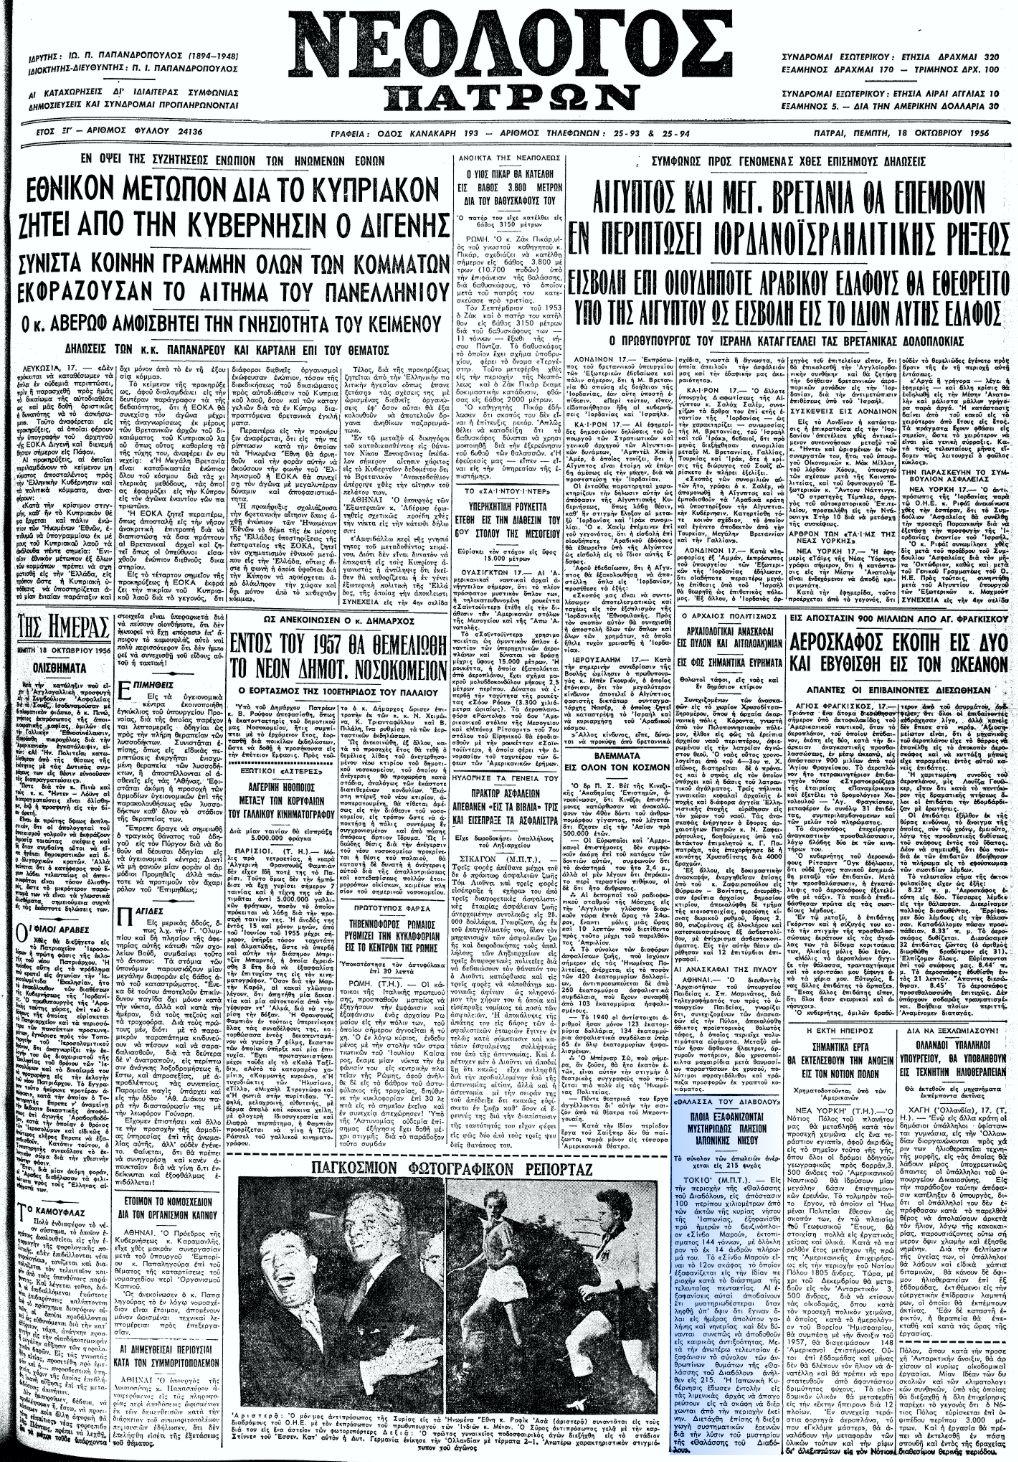 """Το άρθρο, όπως δημοσιεύθηκε στην εφημερίδα """"ΝΕΟΛΟΓΟΣ ΠΑΤΡΩΝ"""", στις 18/10/1956"""